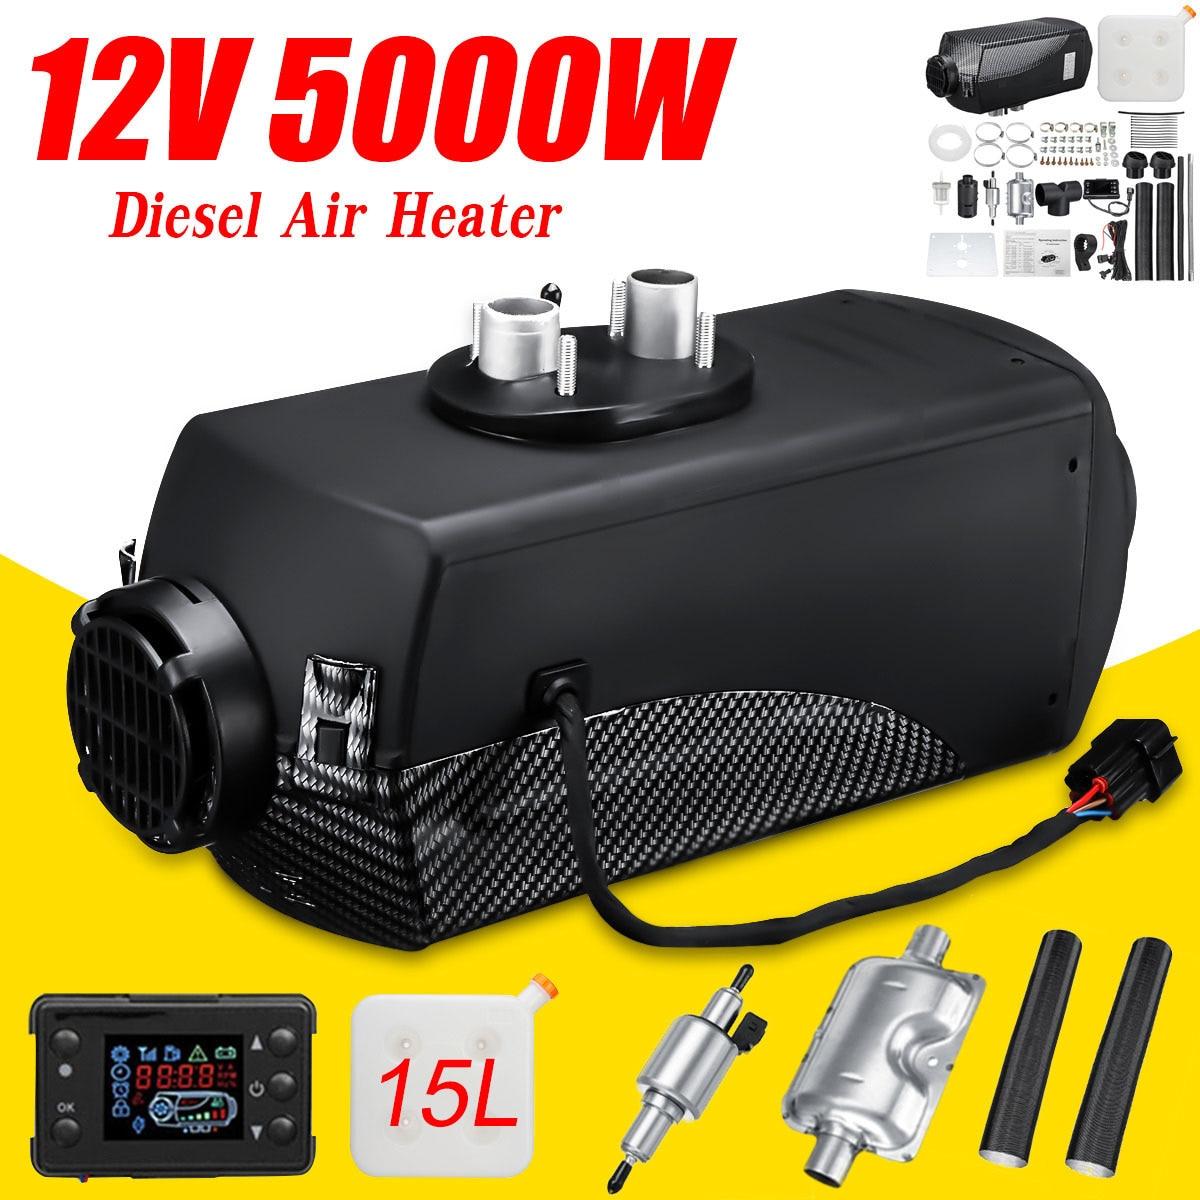 KROAK 12 В 5 кВт автомобильный нагреватель воздуха Дизели нагреватель постоянный термостат стояночный нагреватель + 15л бак с ЖК монитором диста